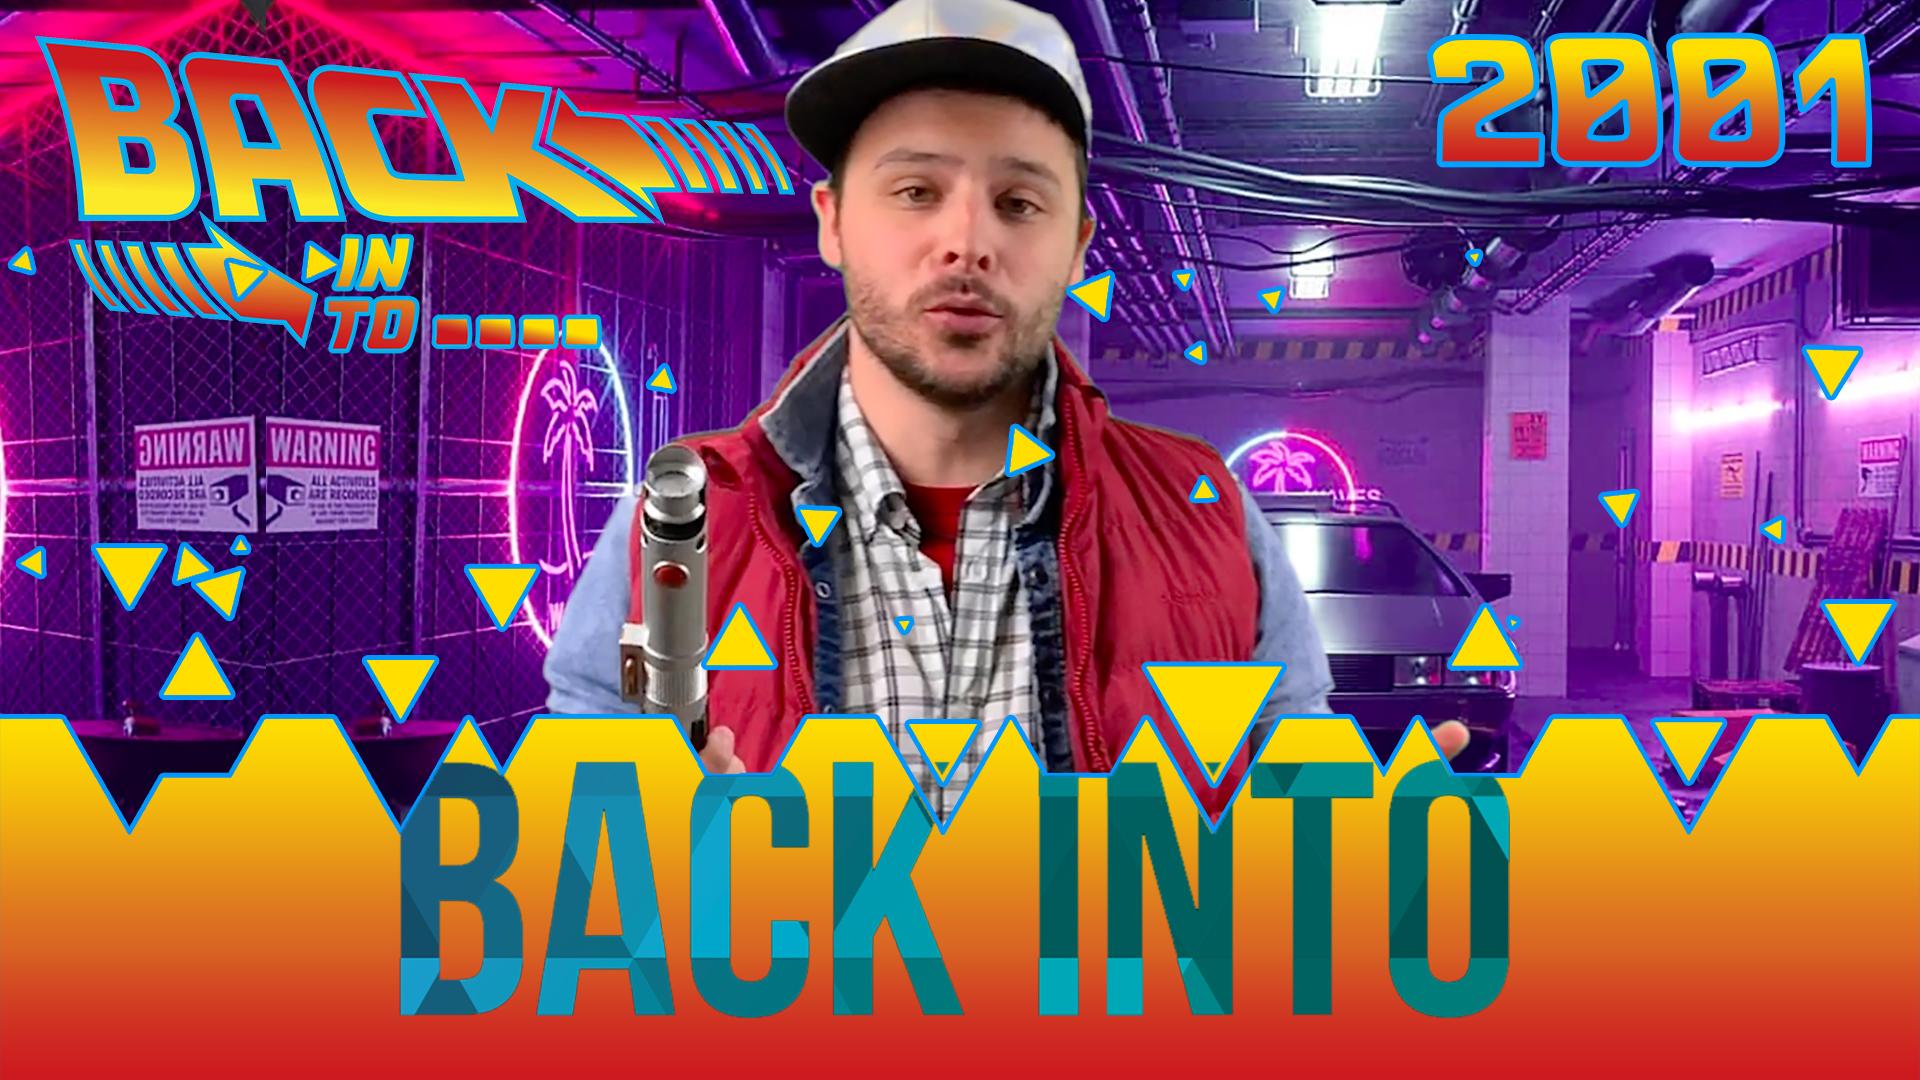 Back Into : L'année 2001 en jeu vidéo